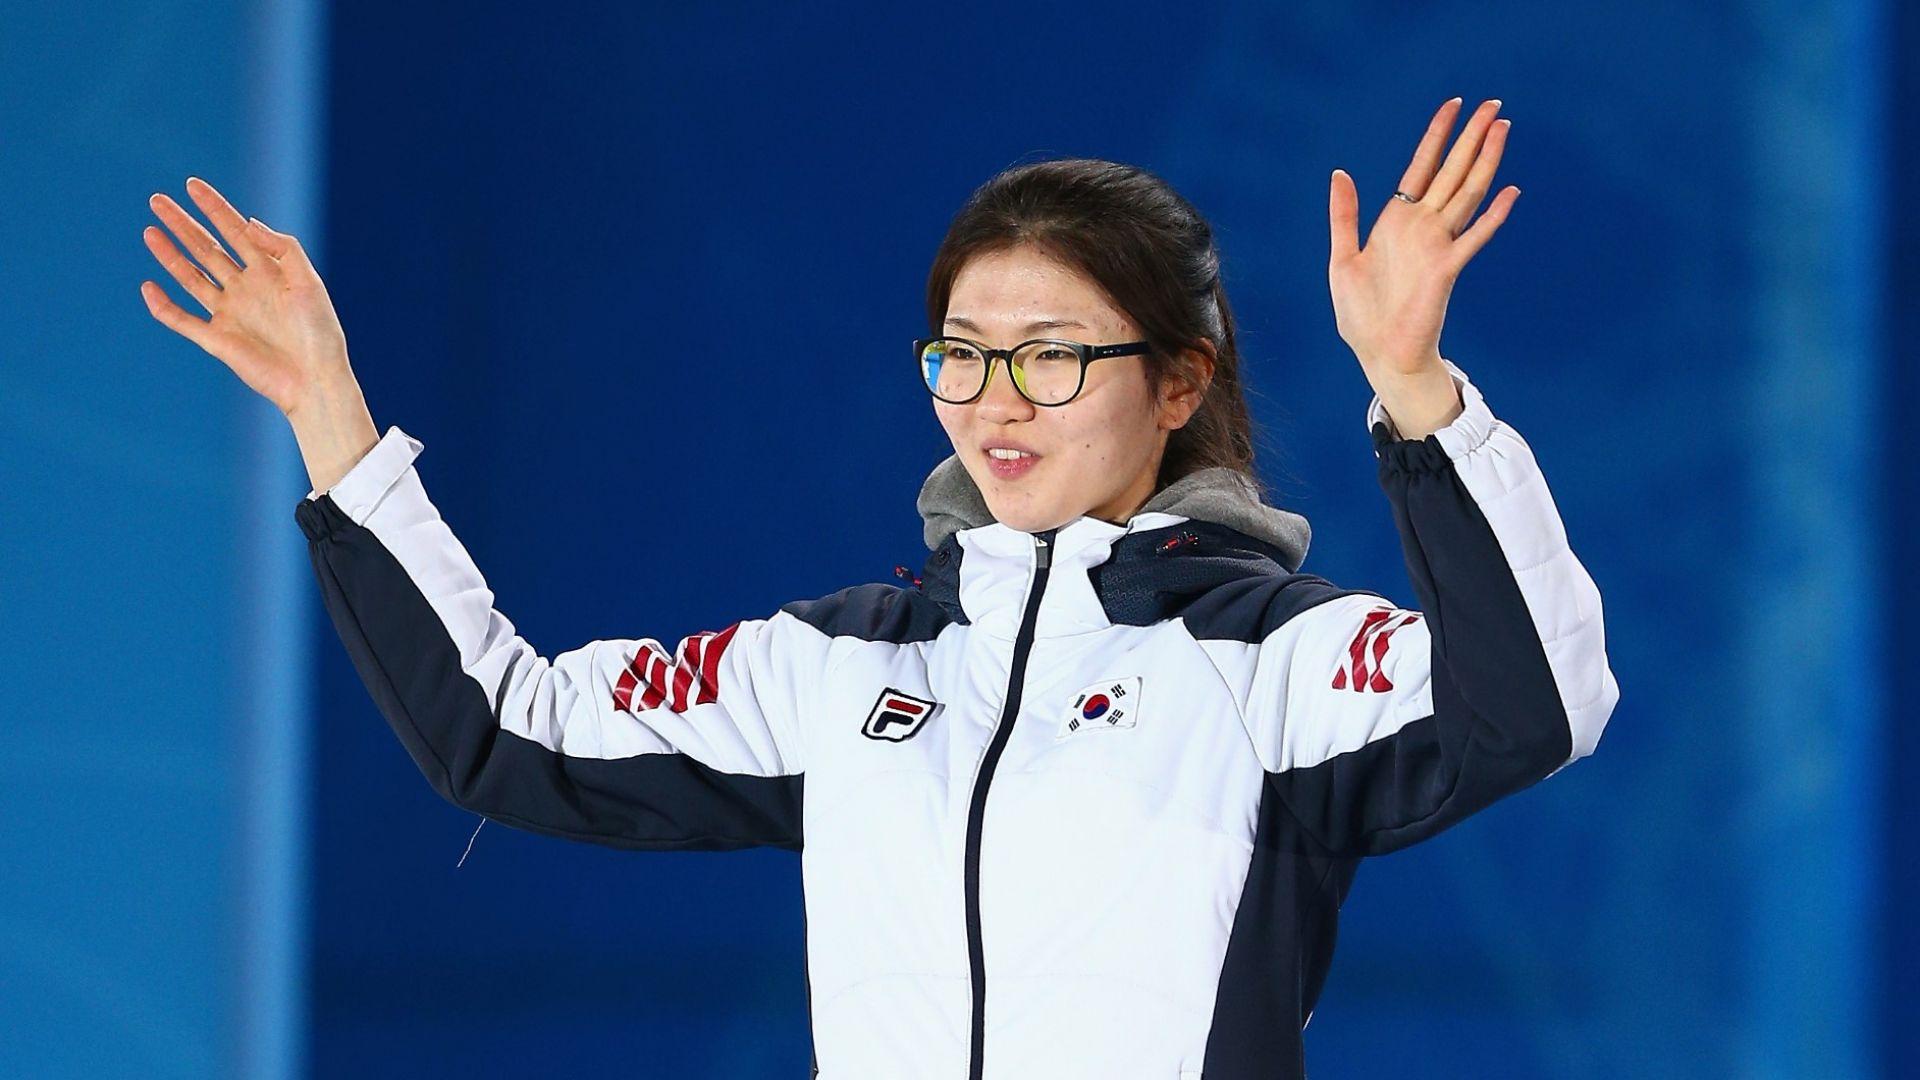 Олимпийска шампионка с разкрития за сексуално насилие от треньор